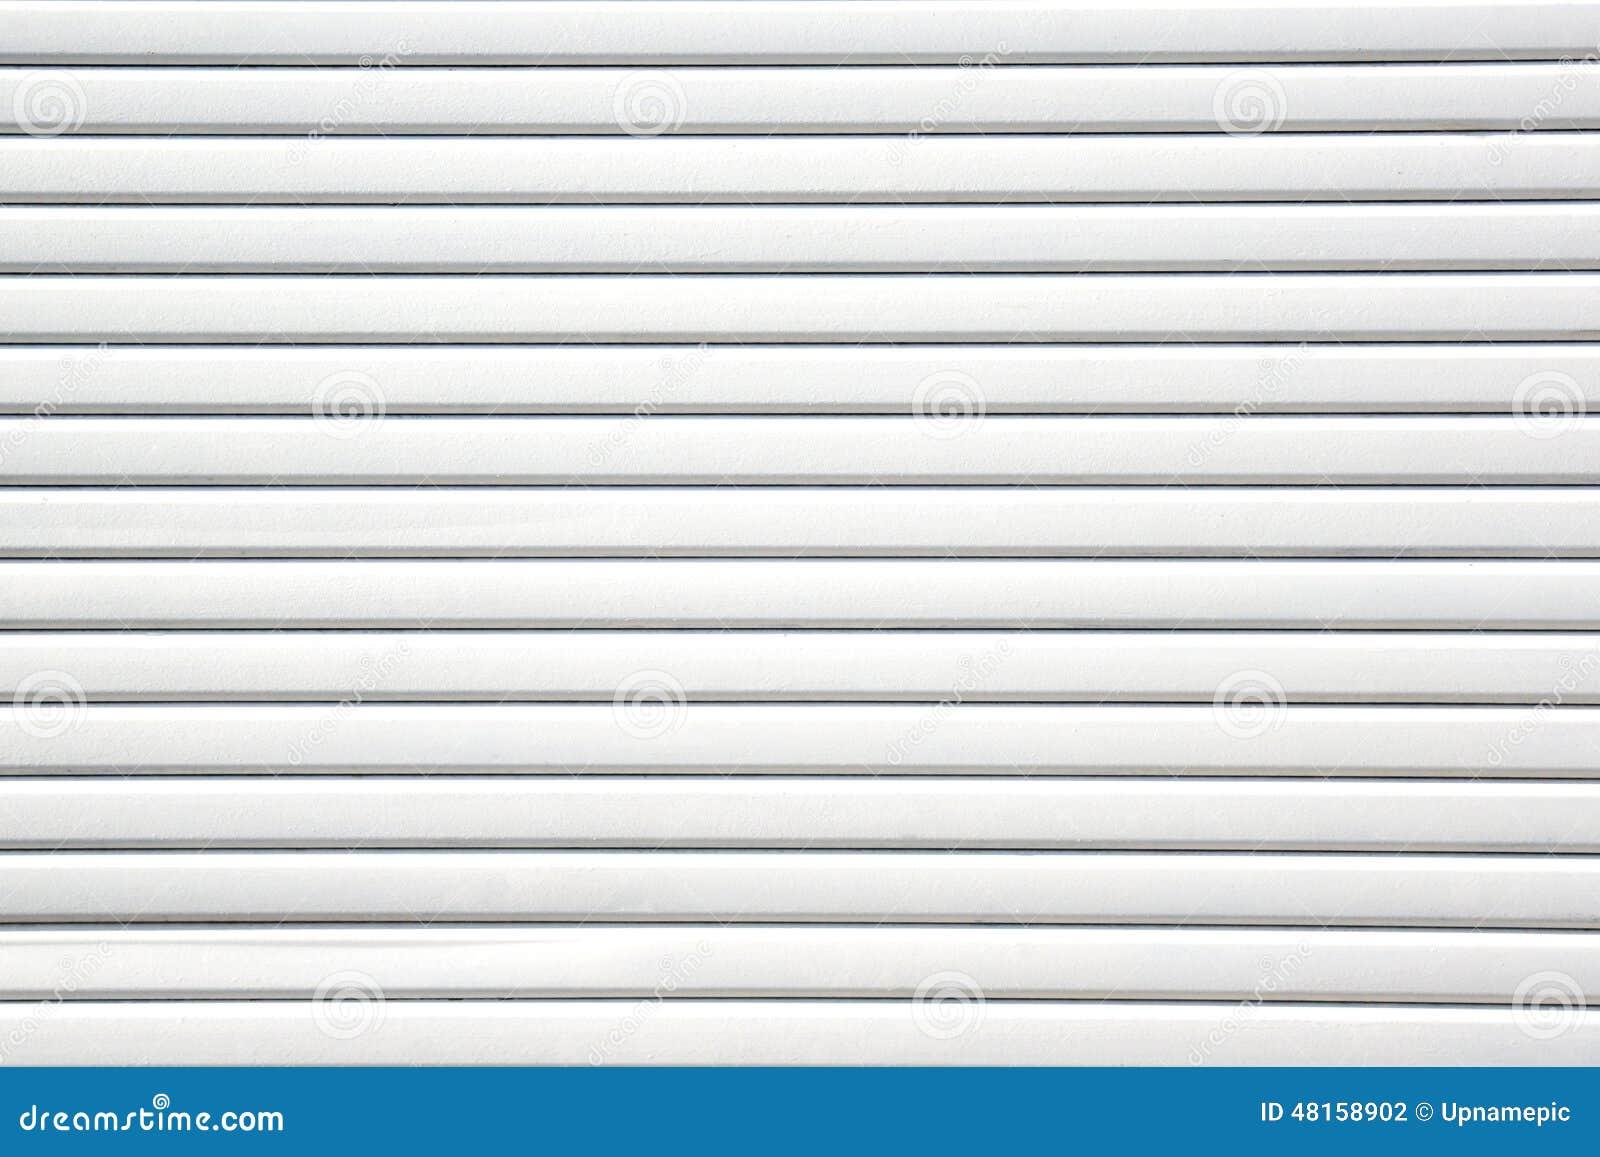 White Sheet Metal : Close up white metal sheet slide door texture background